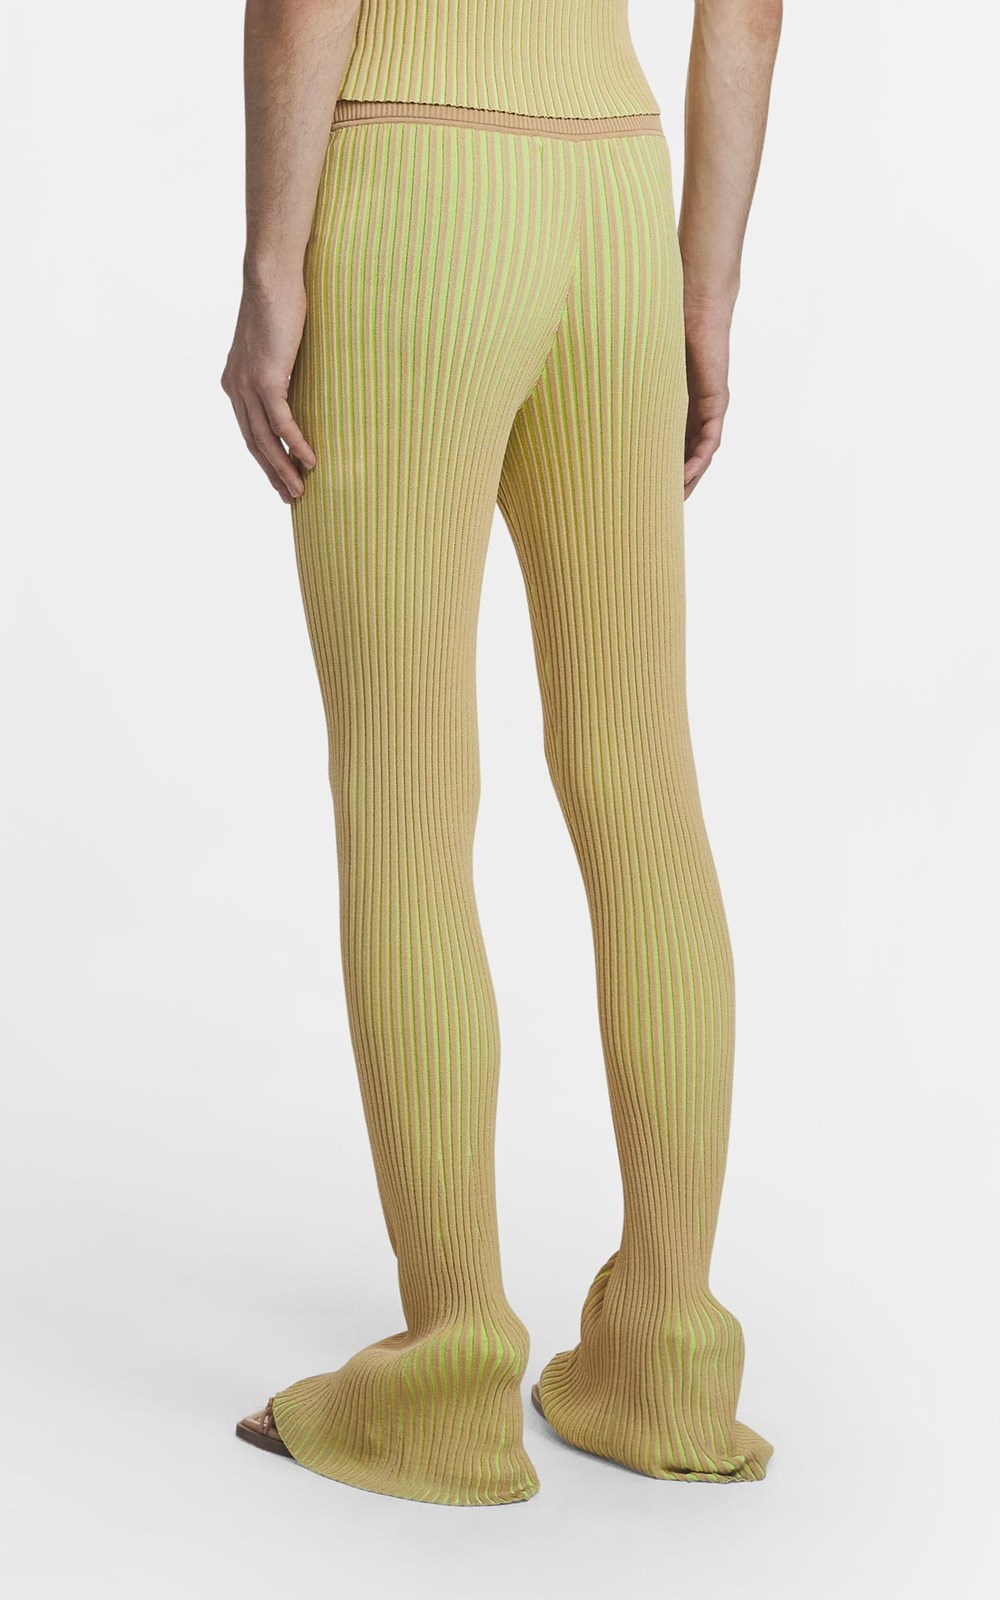 Knitwear | STRIPE RIB PANT